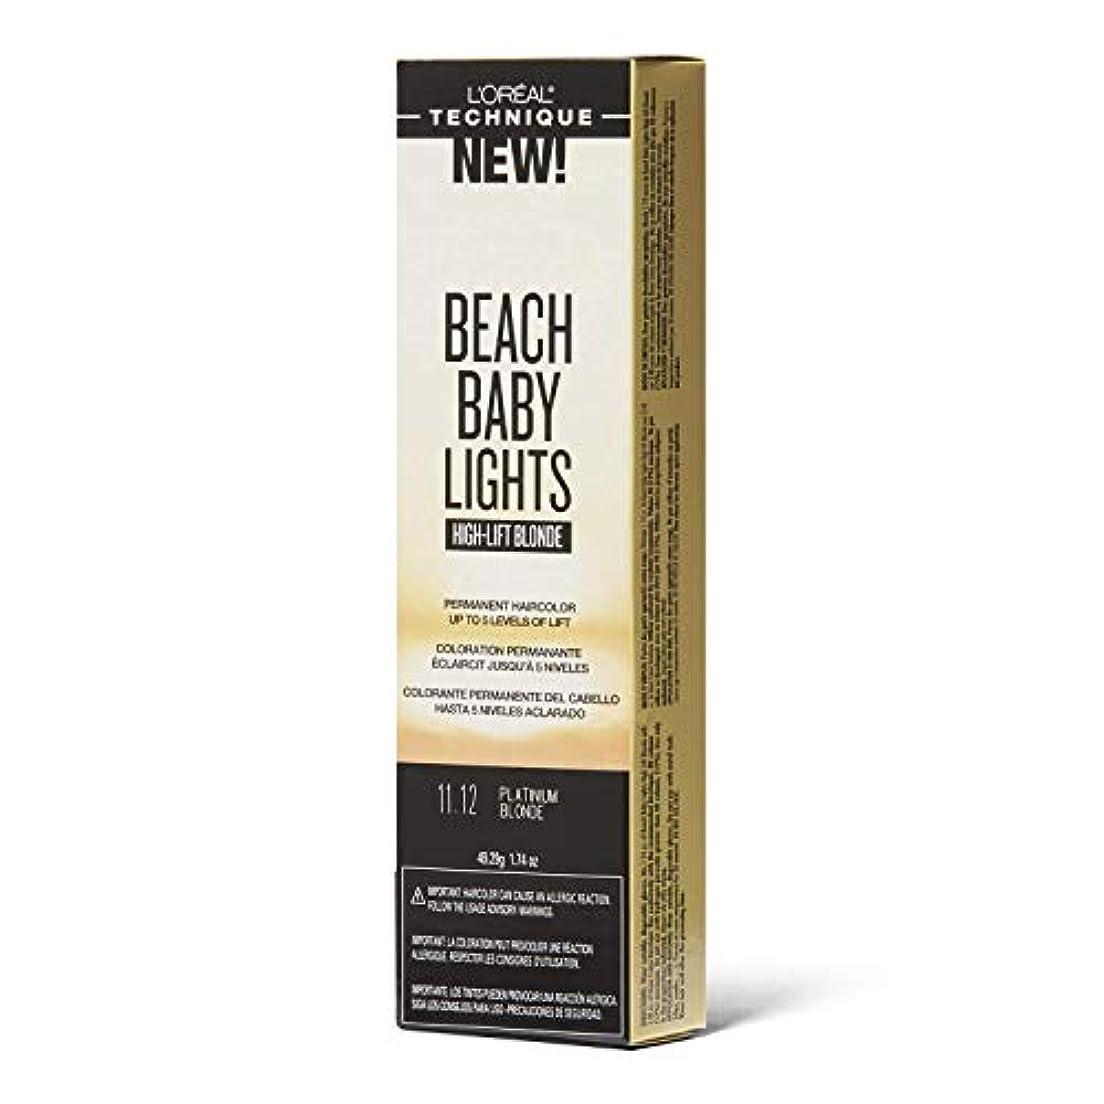 位置するペナルティお別れL'Oreal Paris L'Orealのビーチ赤ちゃんライトハイリフトプラチナブロンド11.12プラチナブロンド